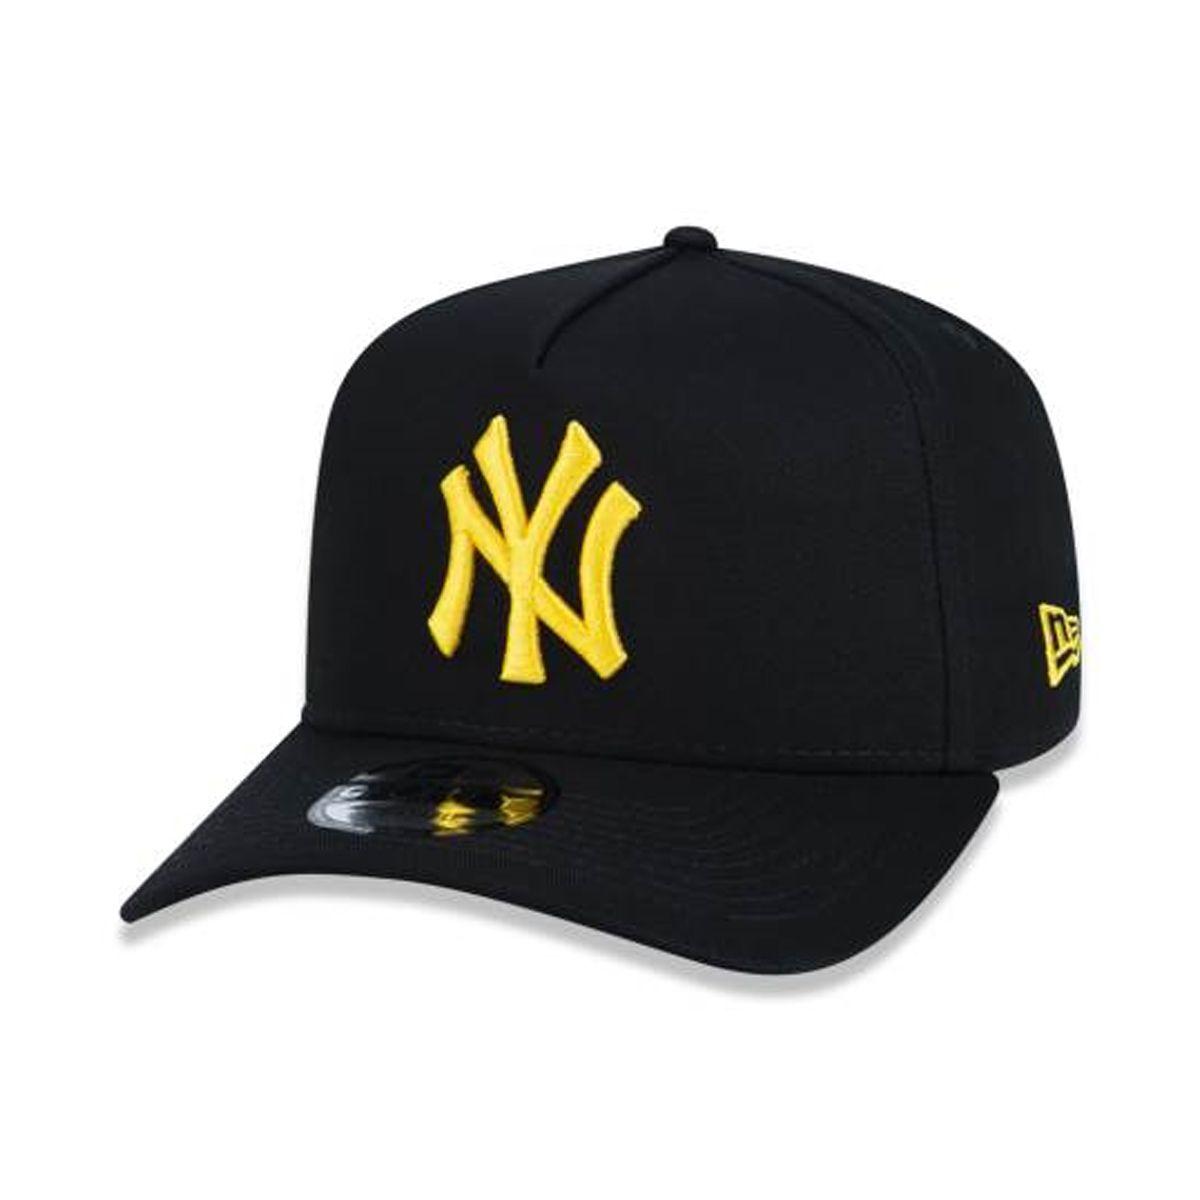 Boné New Era Masculino Yankees Preto com Dourado